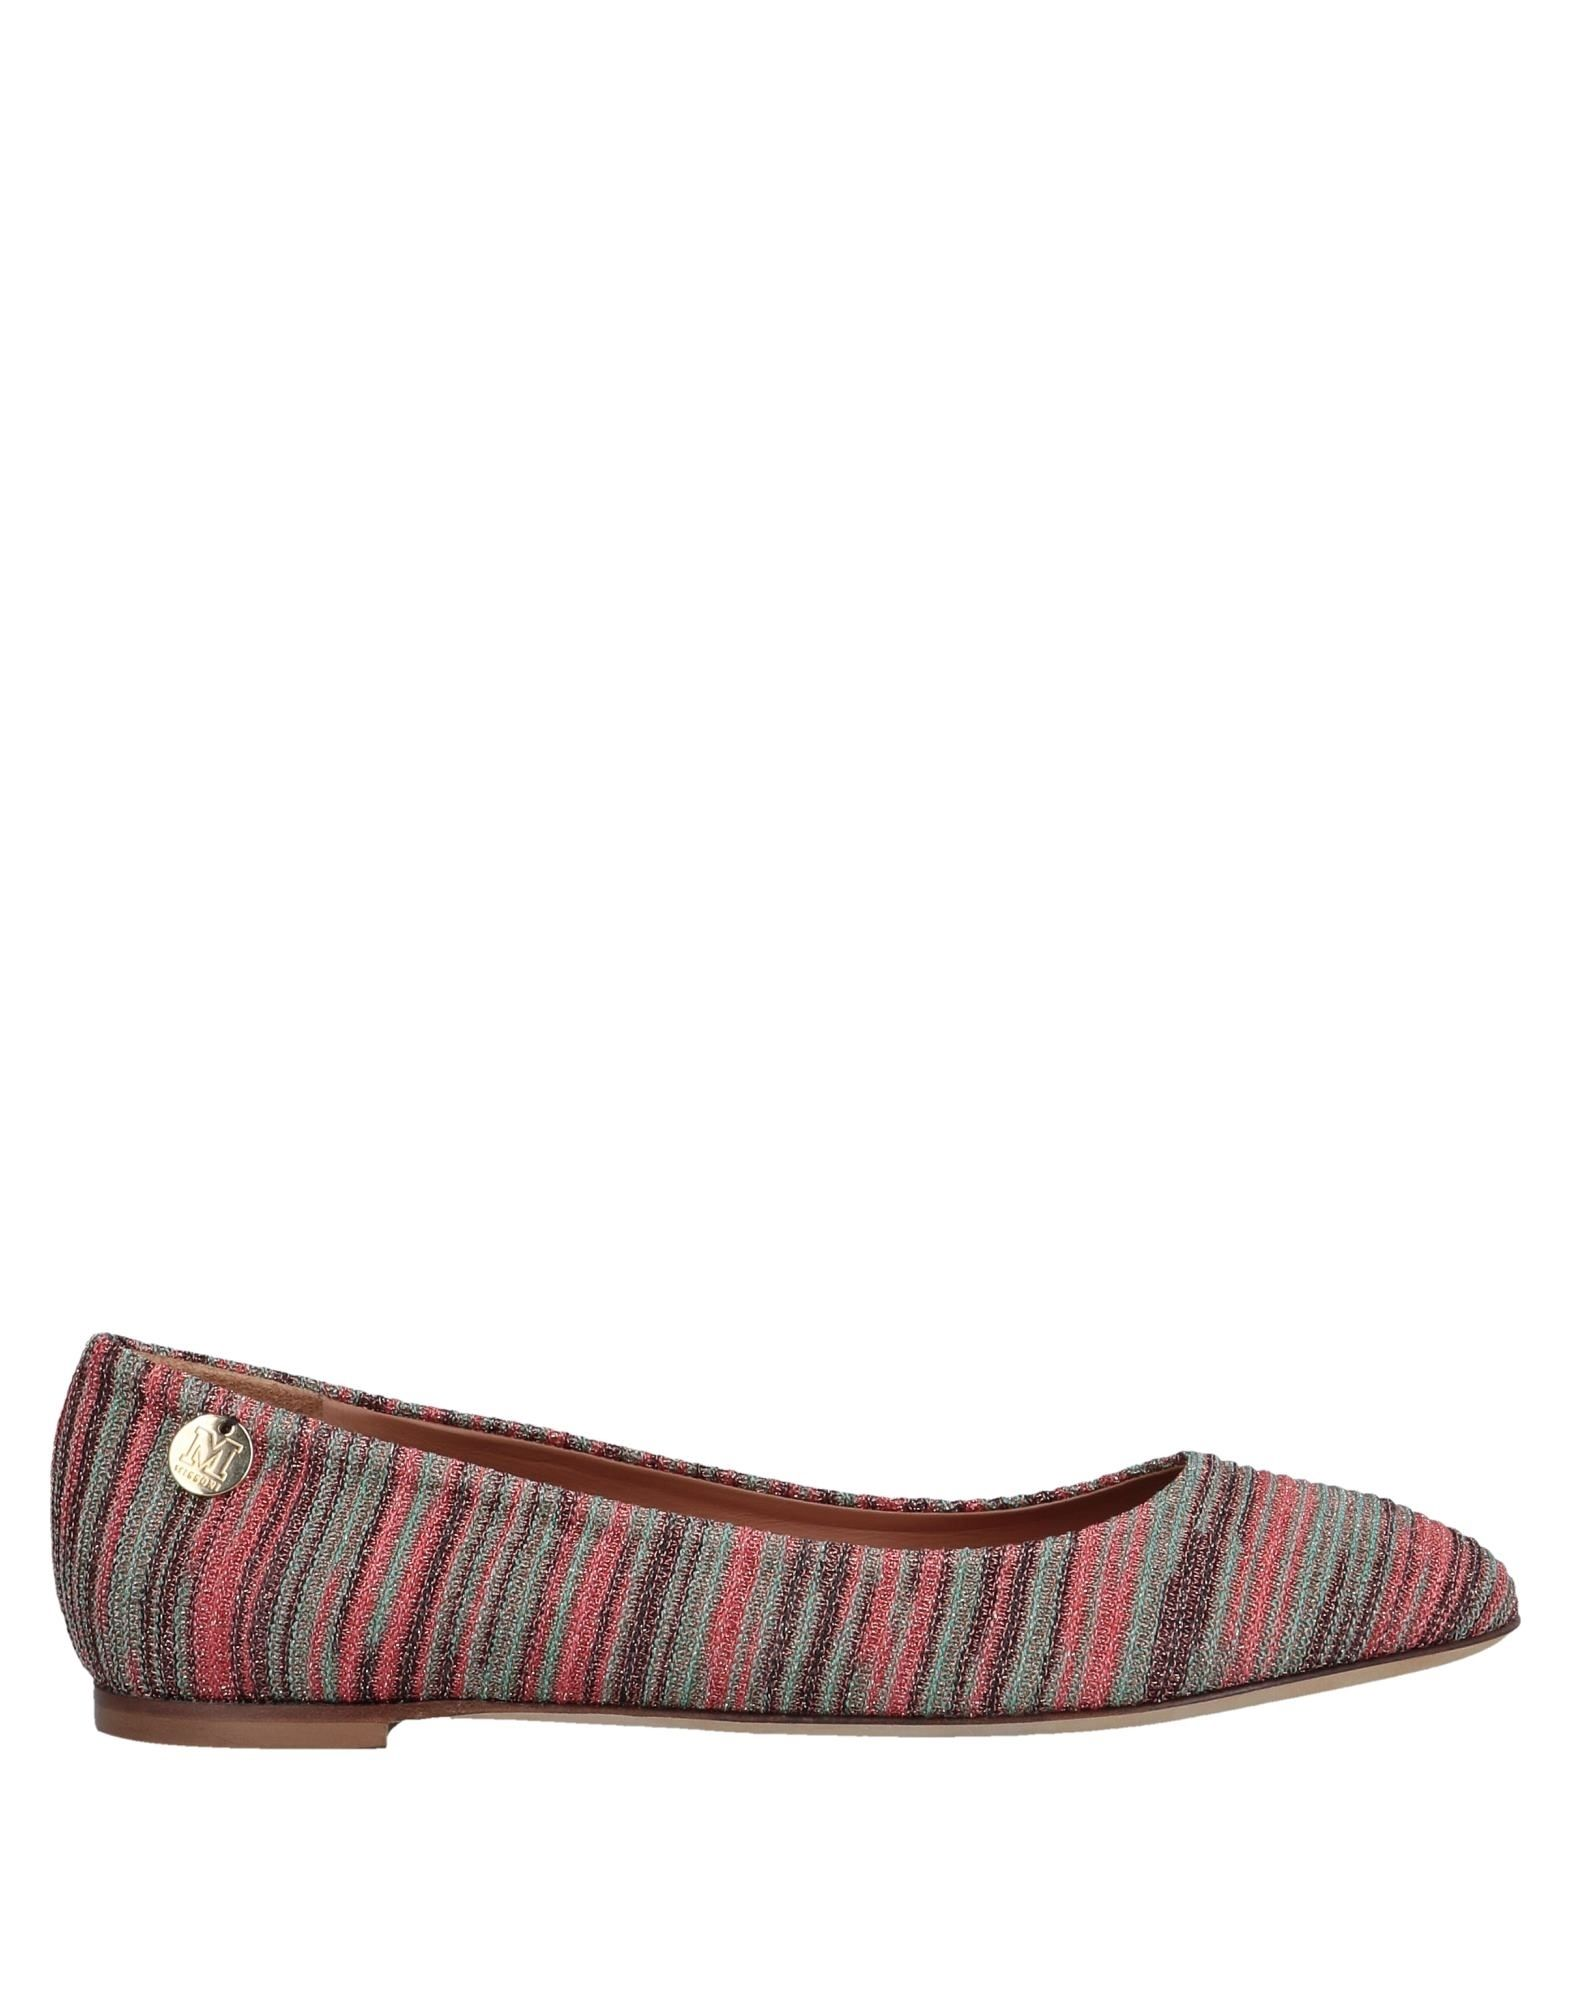 Stilvolle billige Schuhe Damen M Missoni Ballerinas Damen Schuhe  11558733DX 7ae636